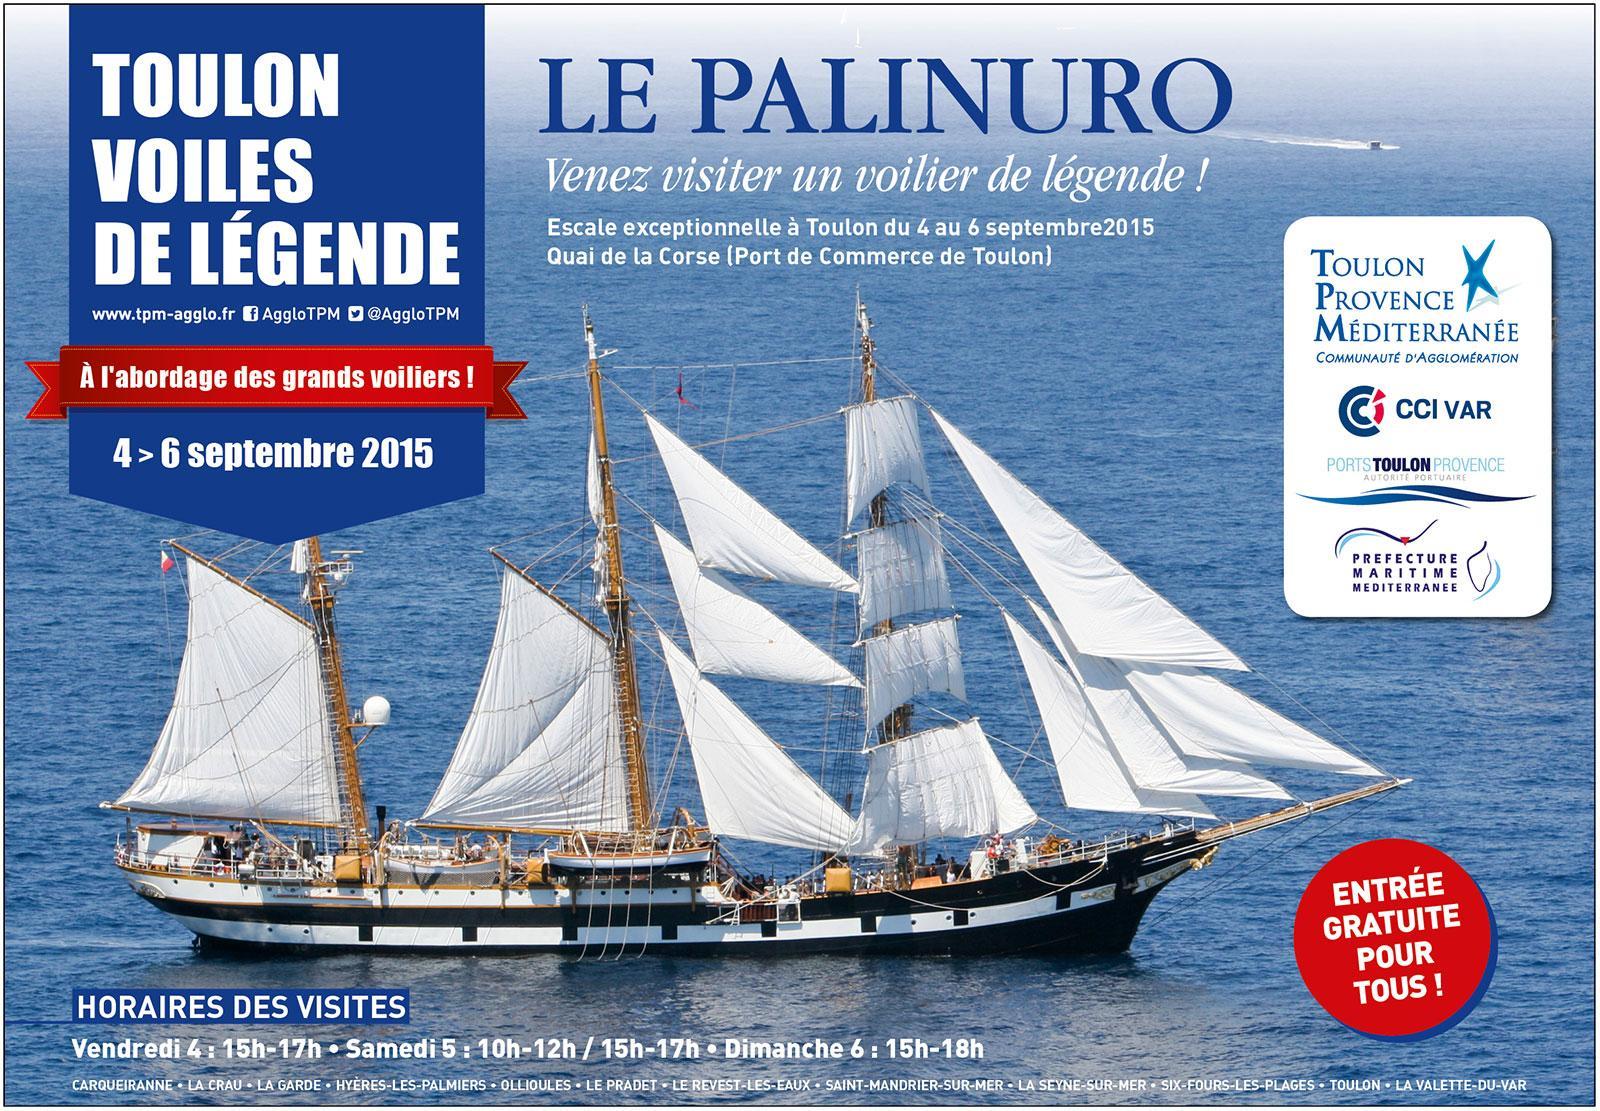 Paliurno visites gratuites à Toulon - TPM